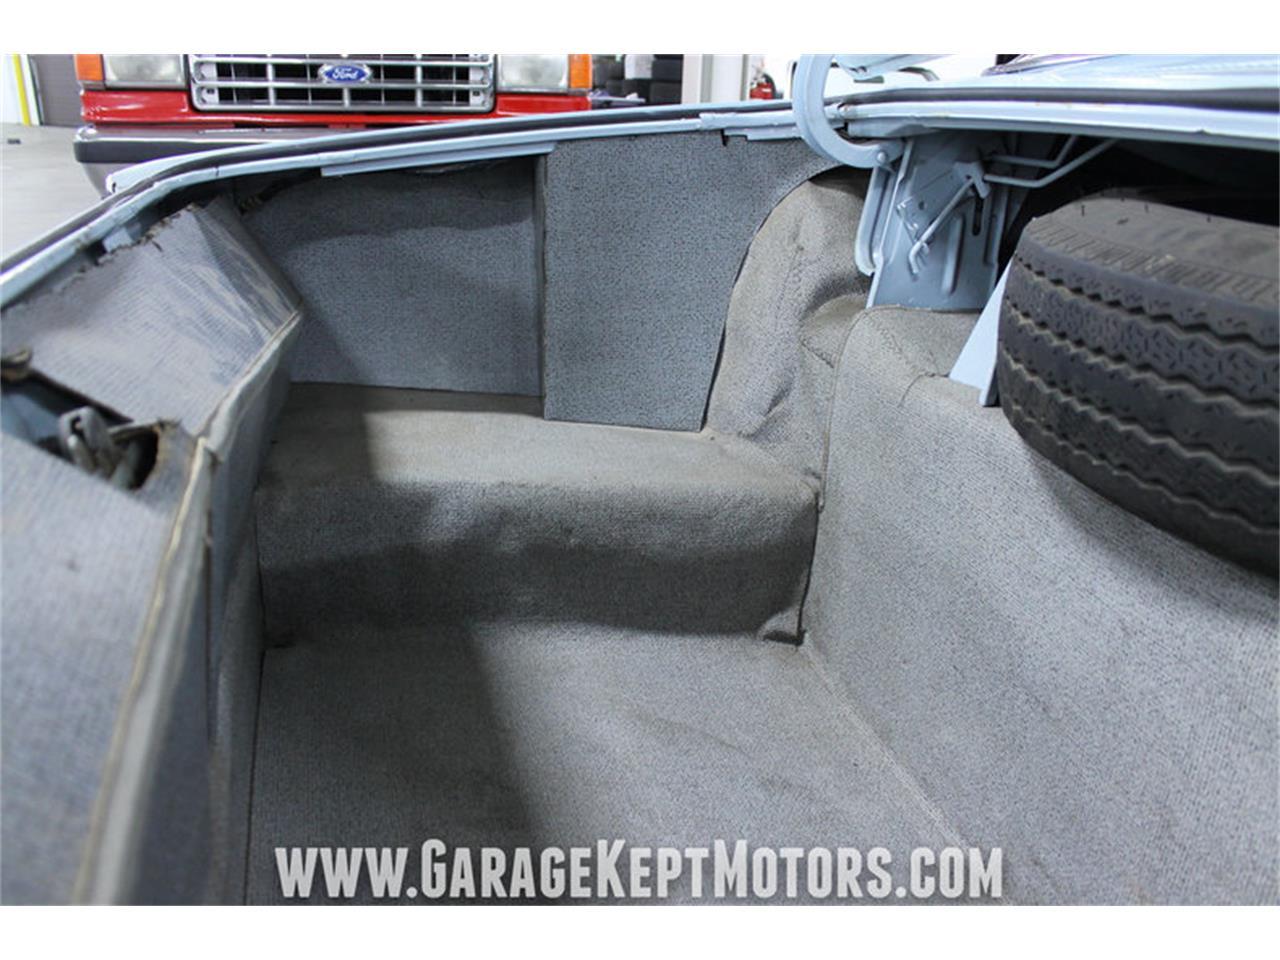 Large Picture of '67 Thunderbird 2-Door Landau - $11,900.00 Offered by Garage Kept Motors - LU7P